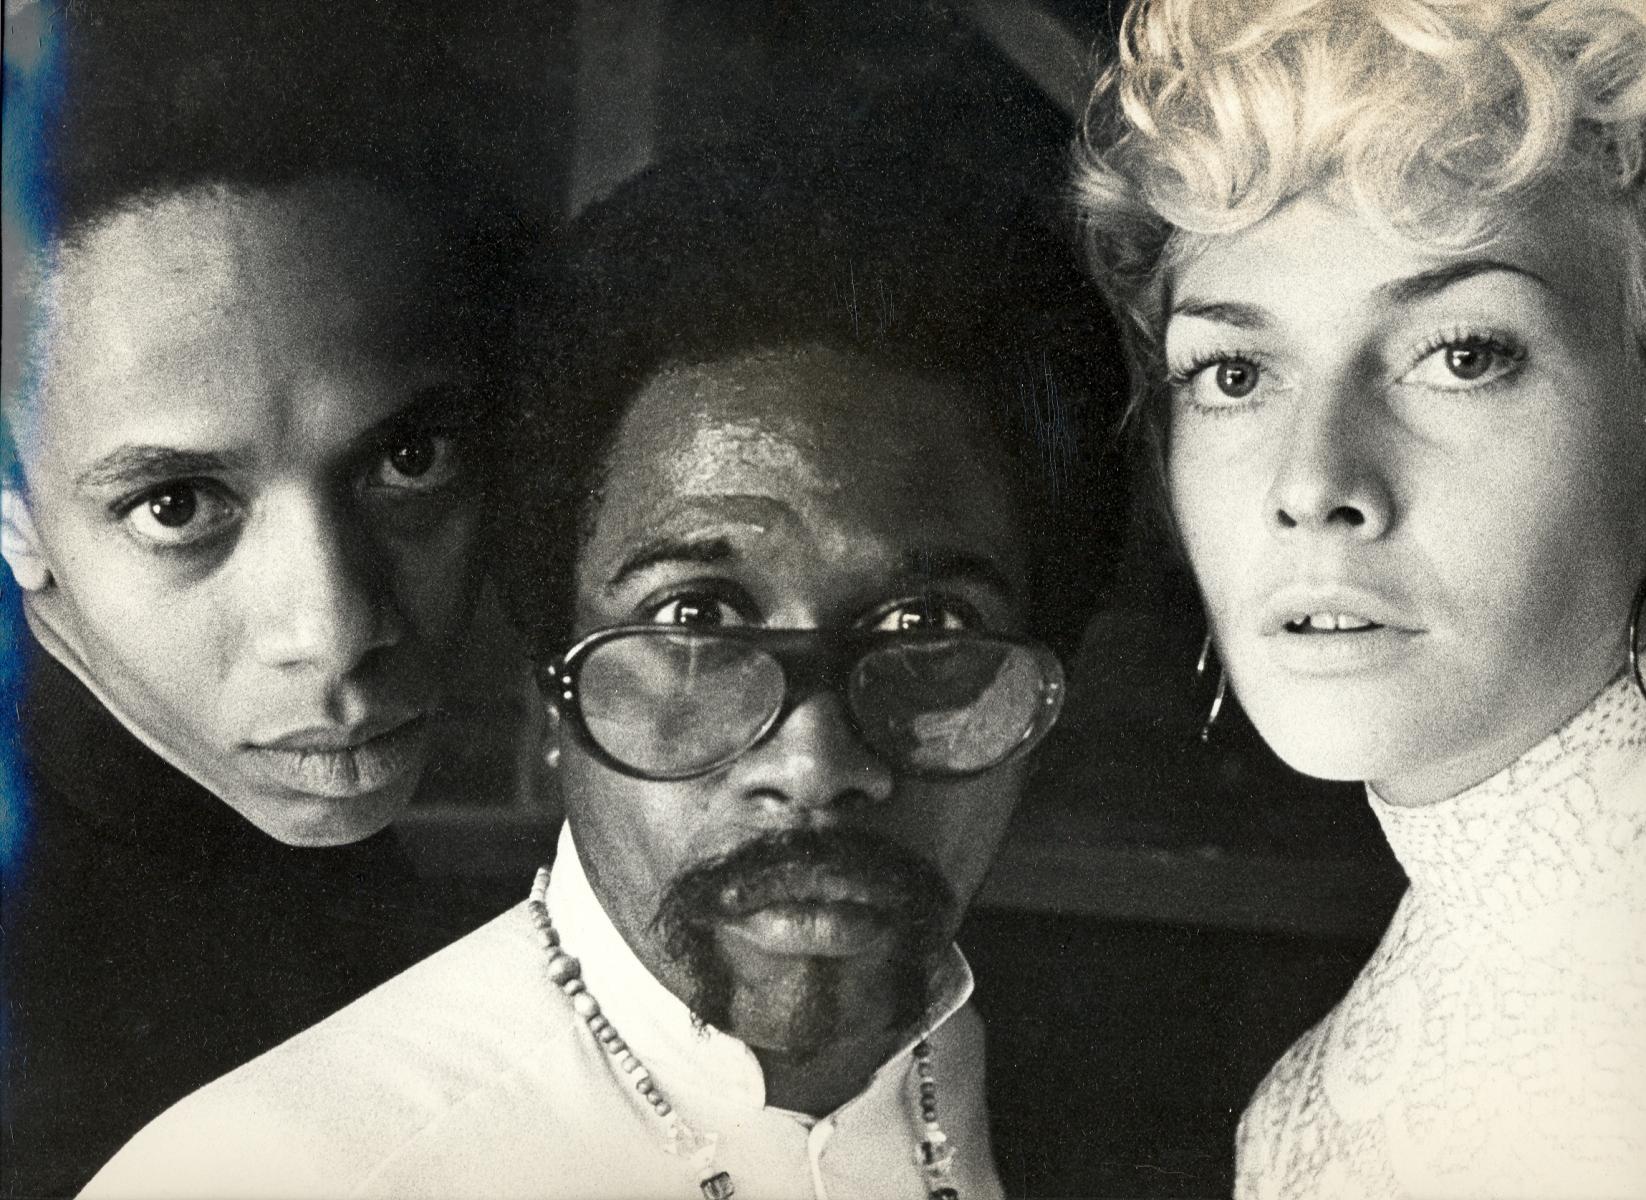 C. Smalls & Co. - 1968